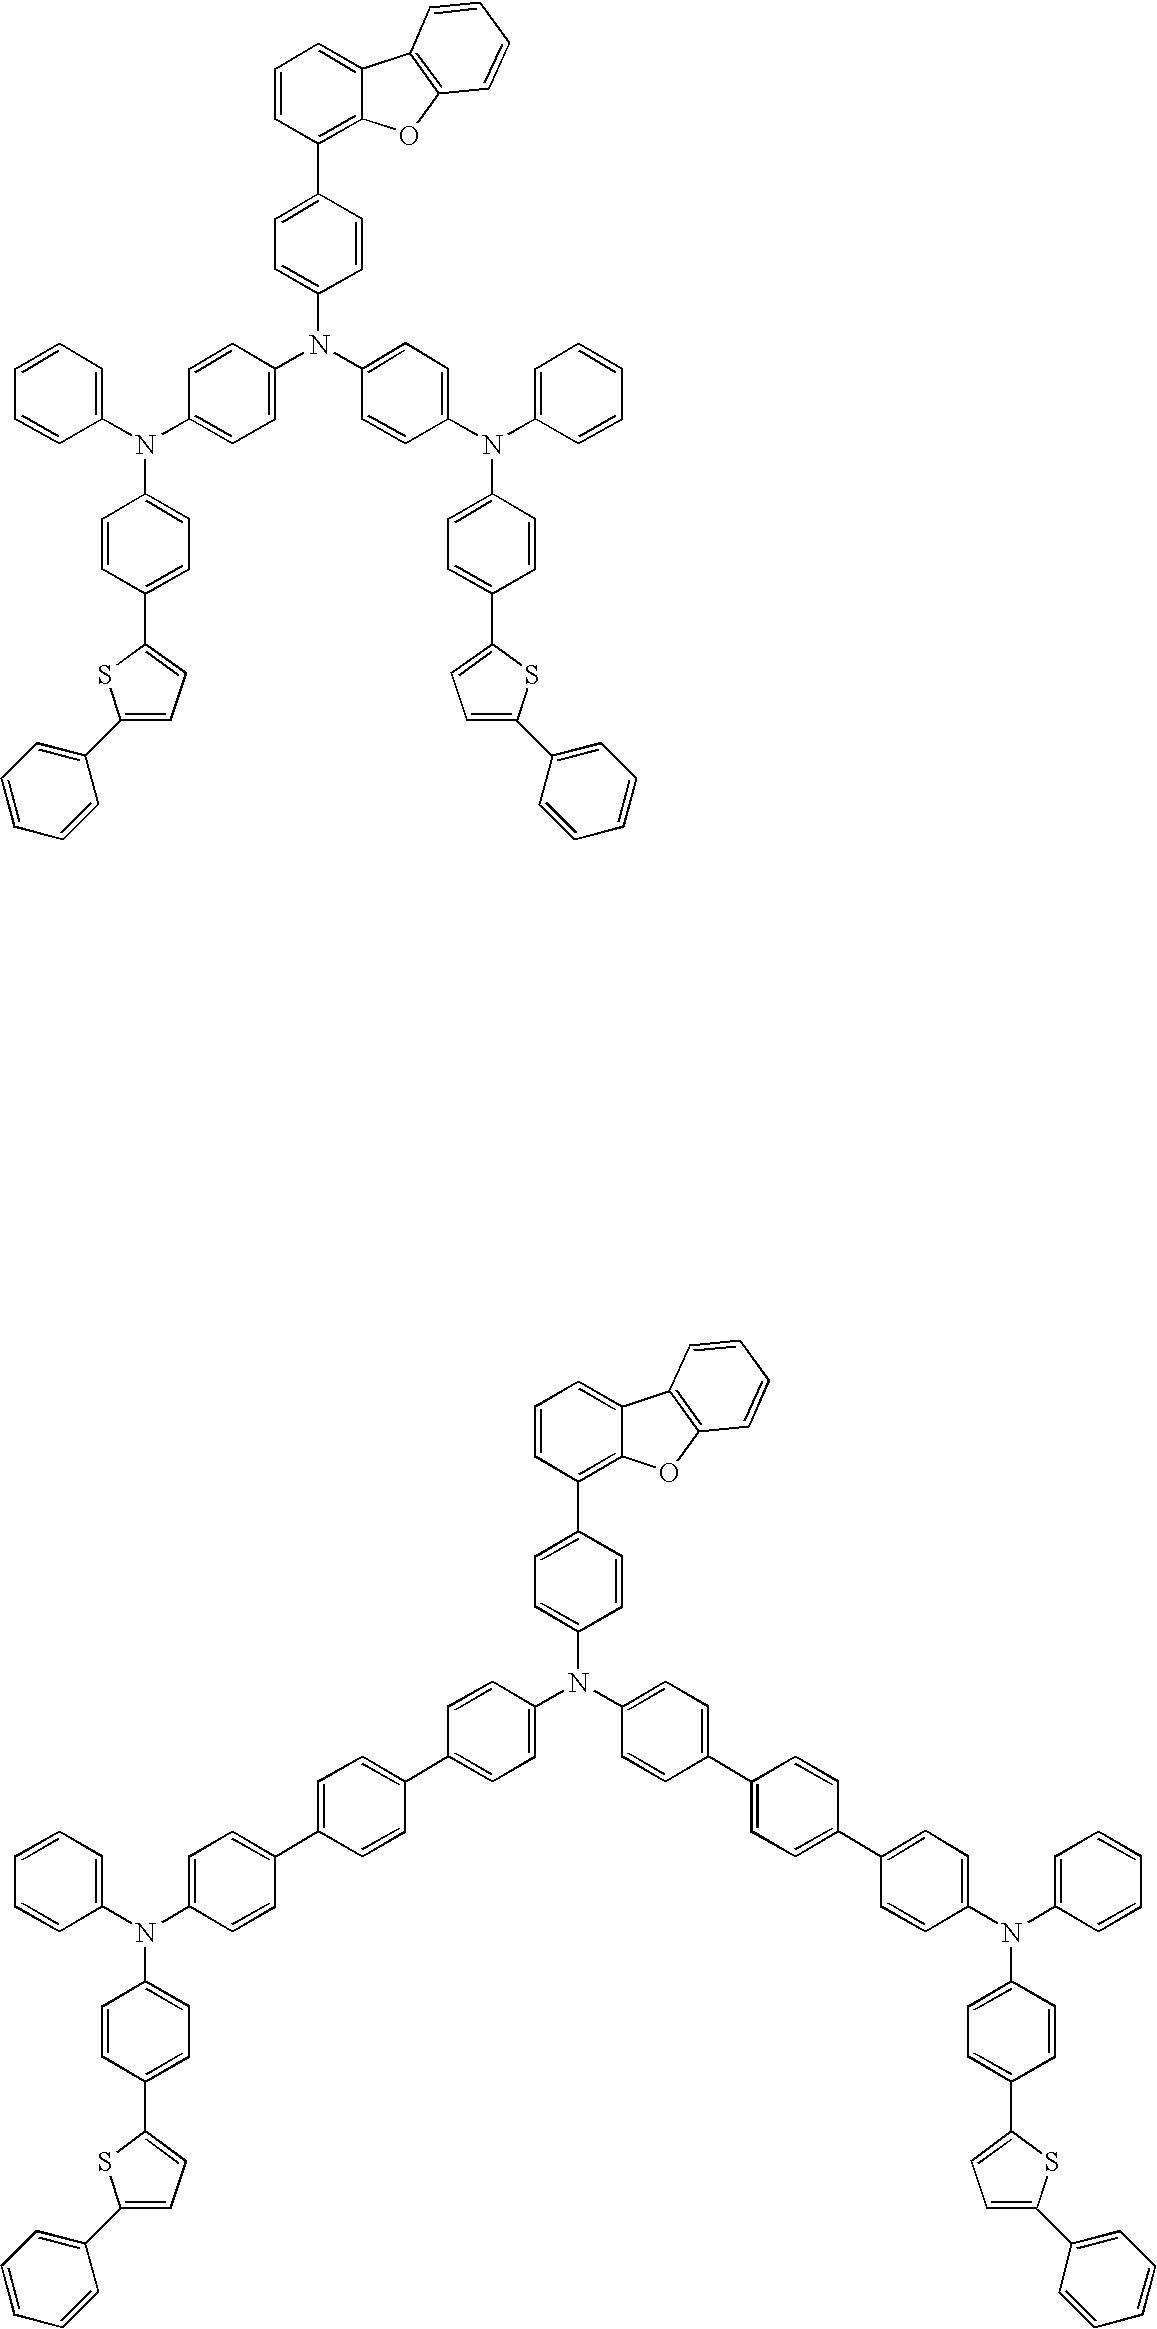 Figure US20090066235A1-20090312-C00043